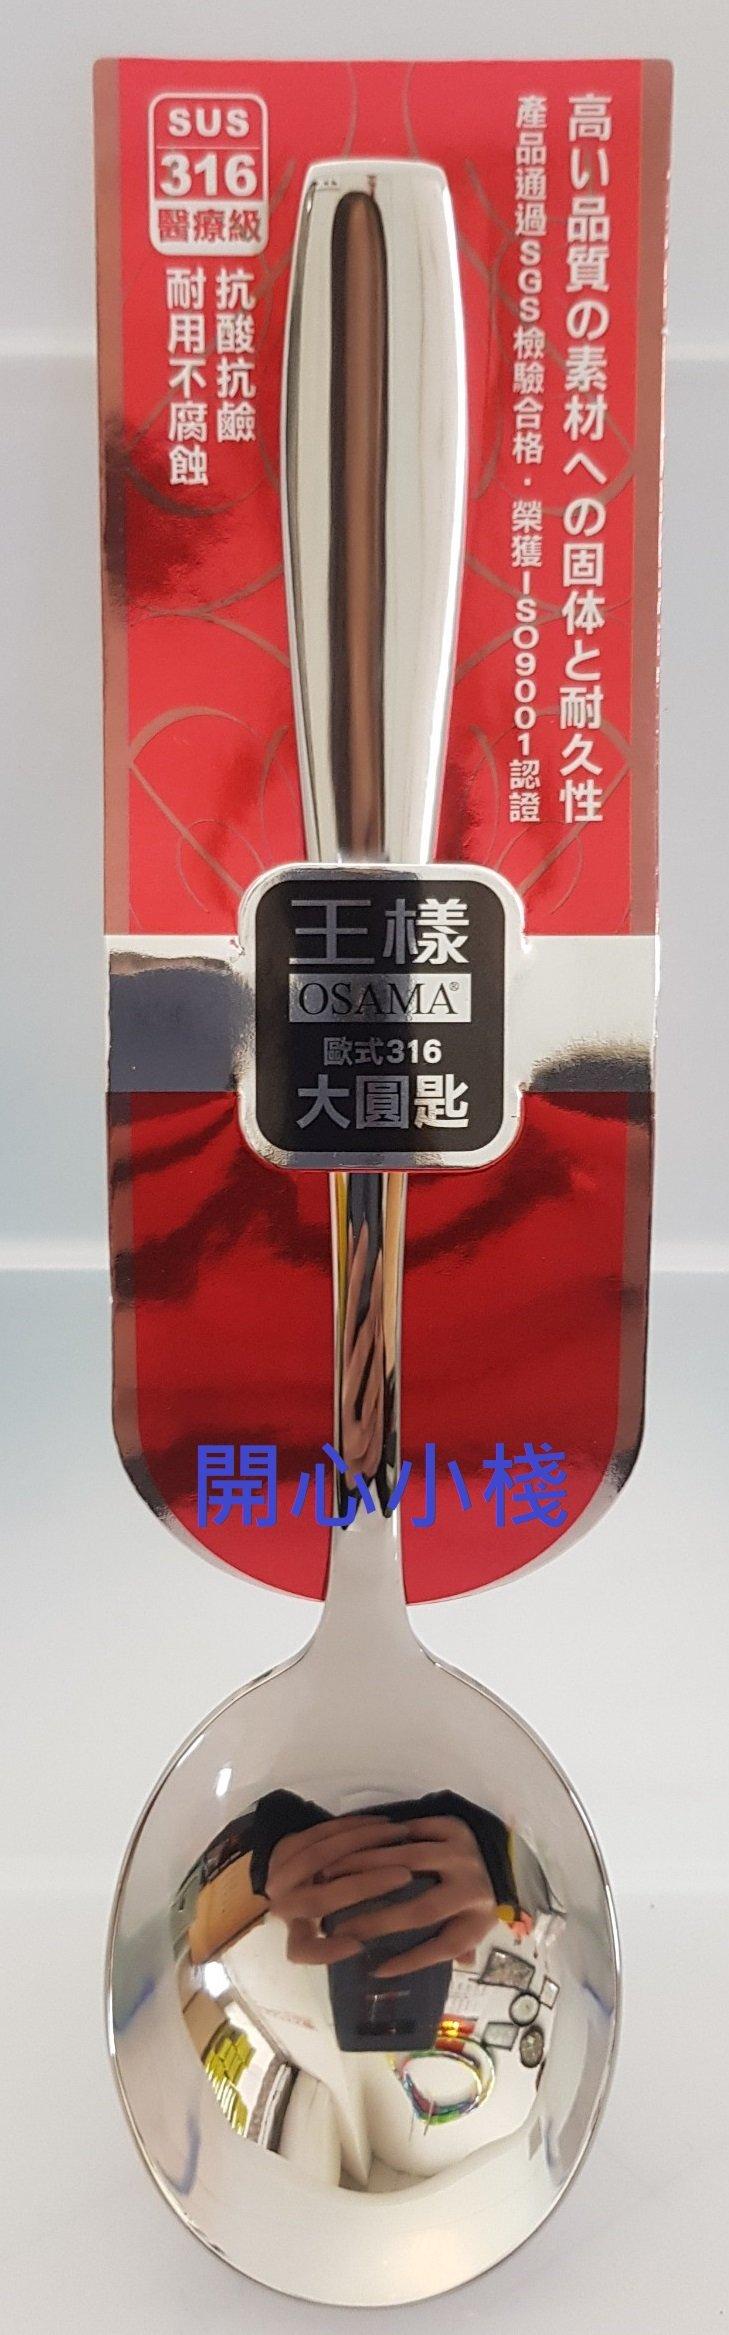 開心小棧~ OSAMA 王樣歐式316不鏽鋼大圓匙  歐式 王樣 大圓匙 中圓匙 316不鏽鋼